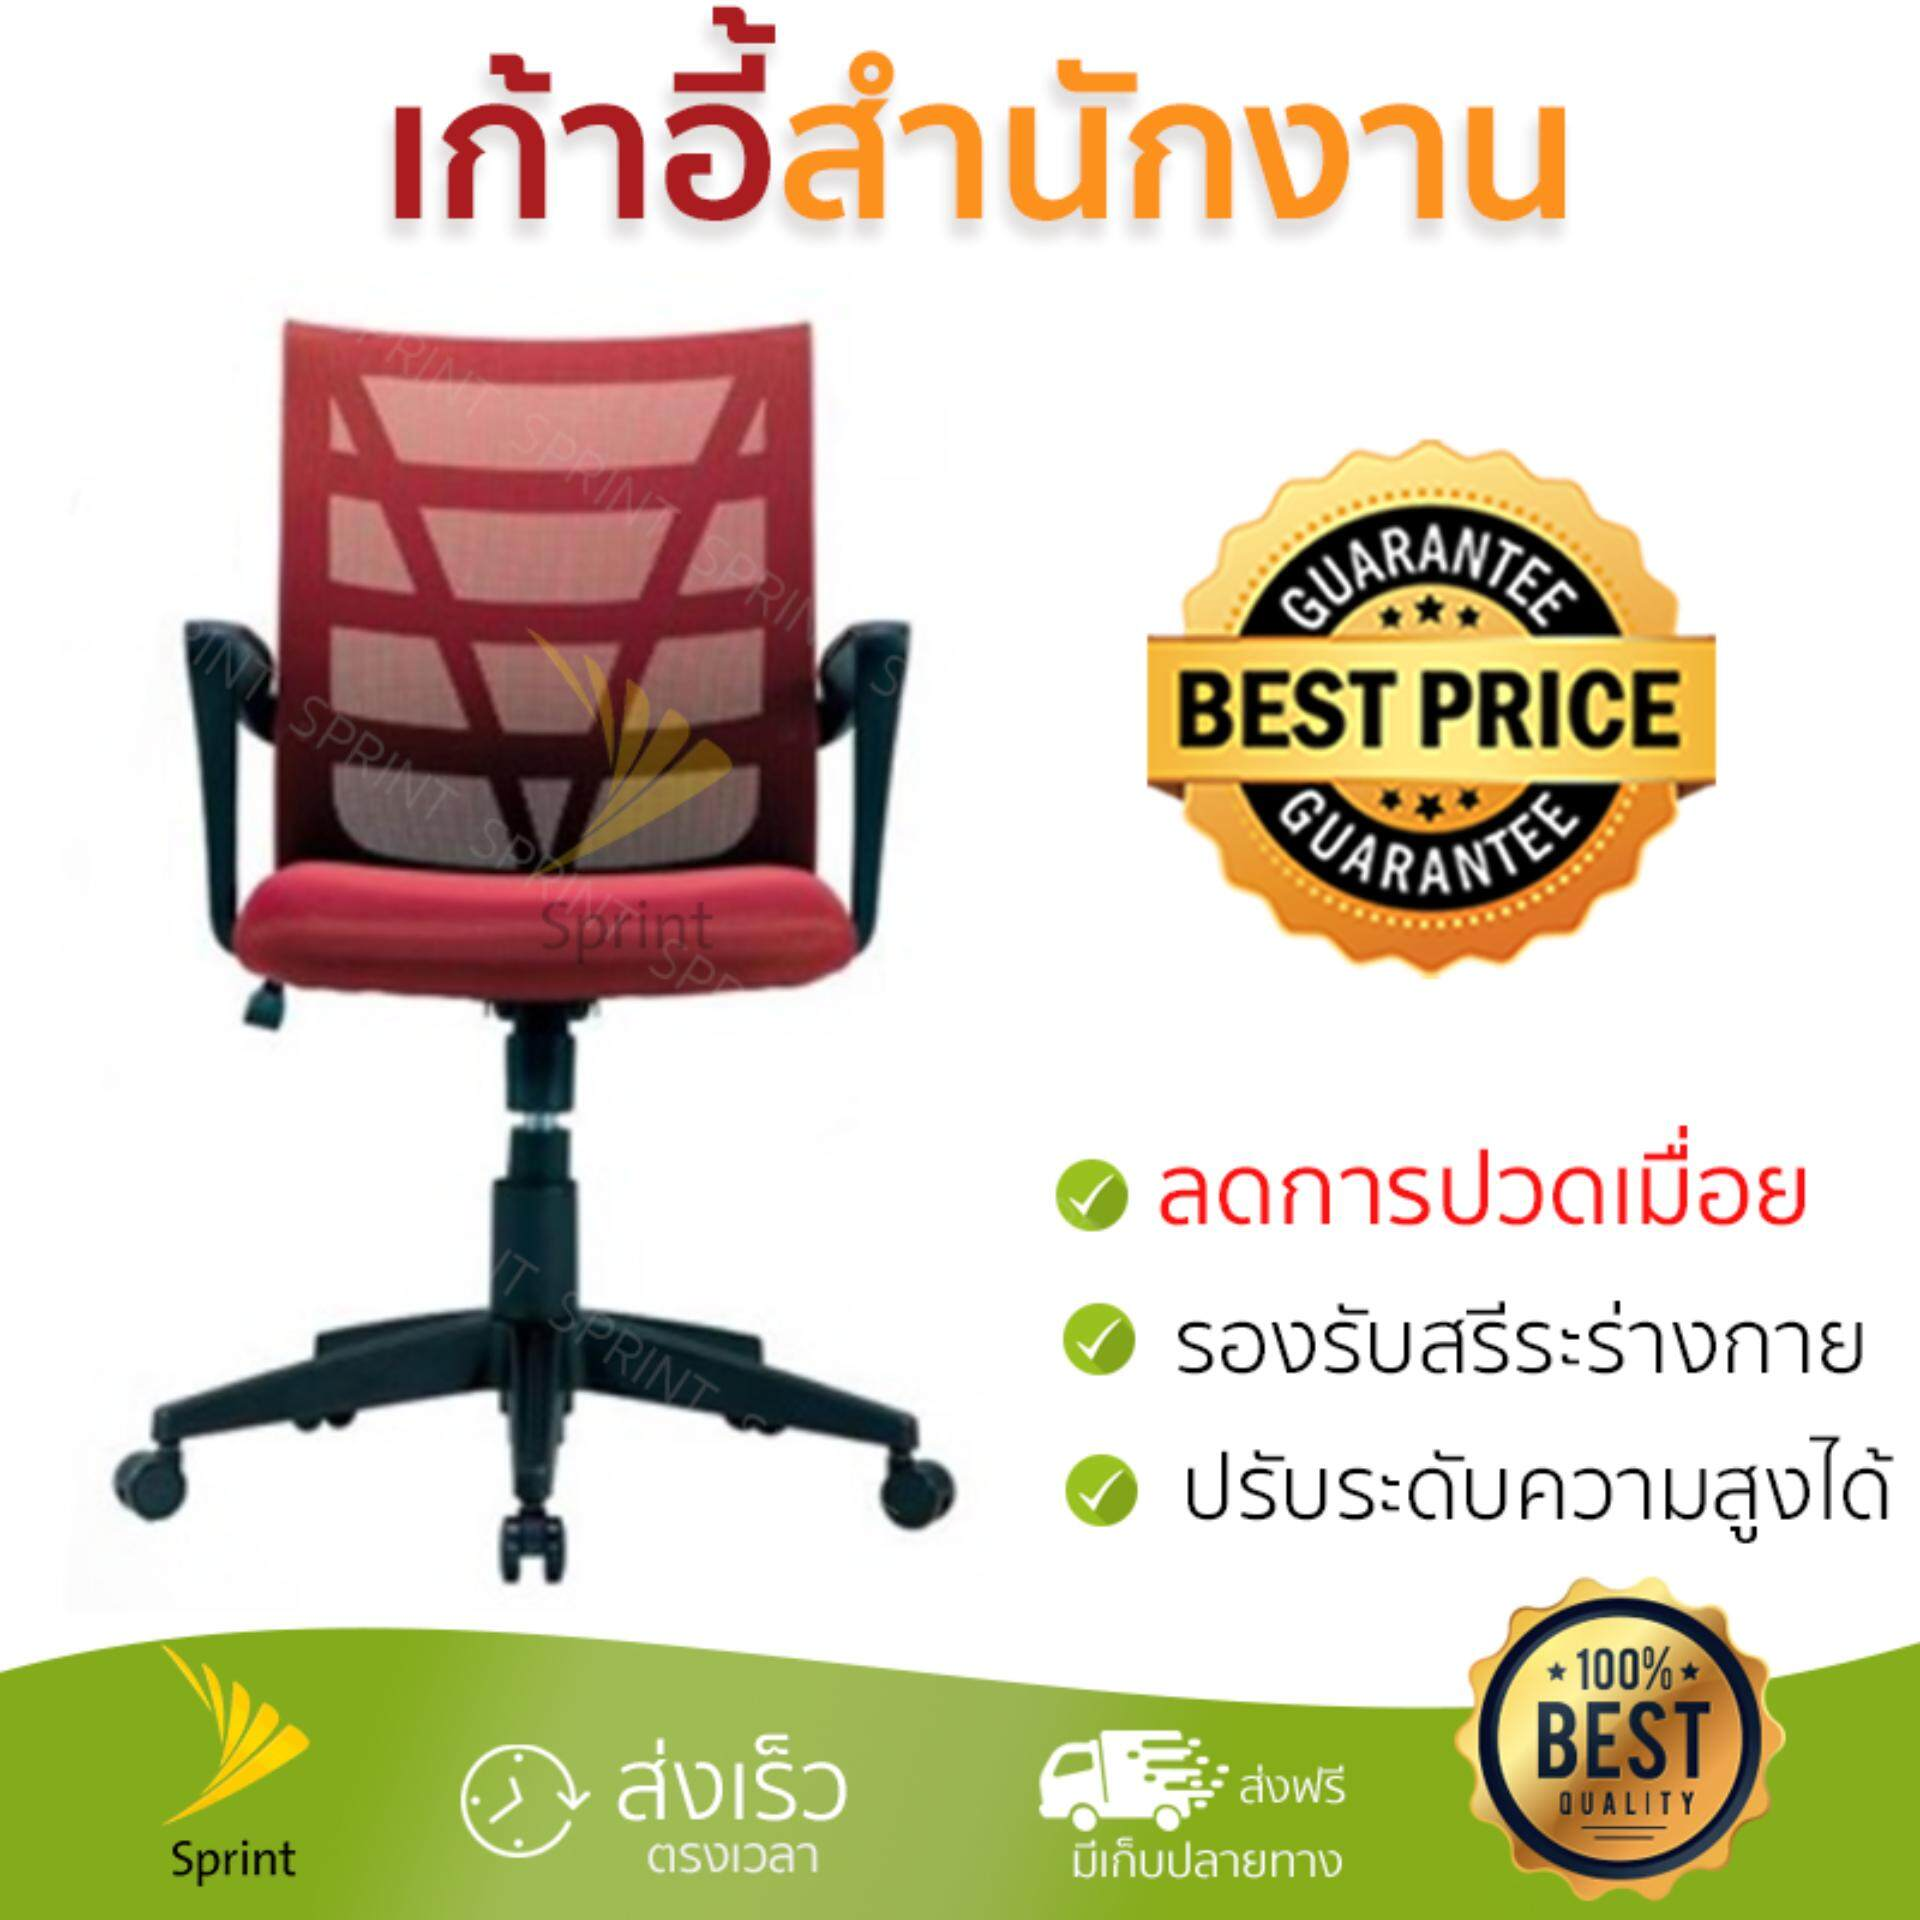 ราคาพิเศษ เก้าอี้ทำงาน เก้าอี้สำนักงาน SMITH เก้าอี้สำนักงานSK290-RD  ลดอาการปวดเมื่อยลำคอและไหล่ เบาะนุ่มกำลังดี นั่งสบาย ไม่อึดอัด ปรับระดับความสูงได้ Office Chair จัดส่งฟรี kerry ทั่วประเทศ